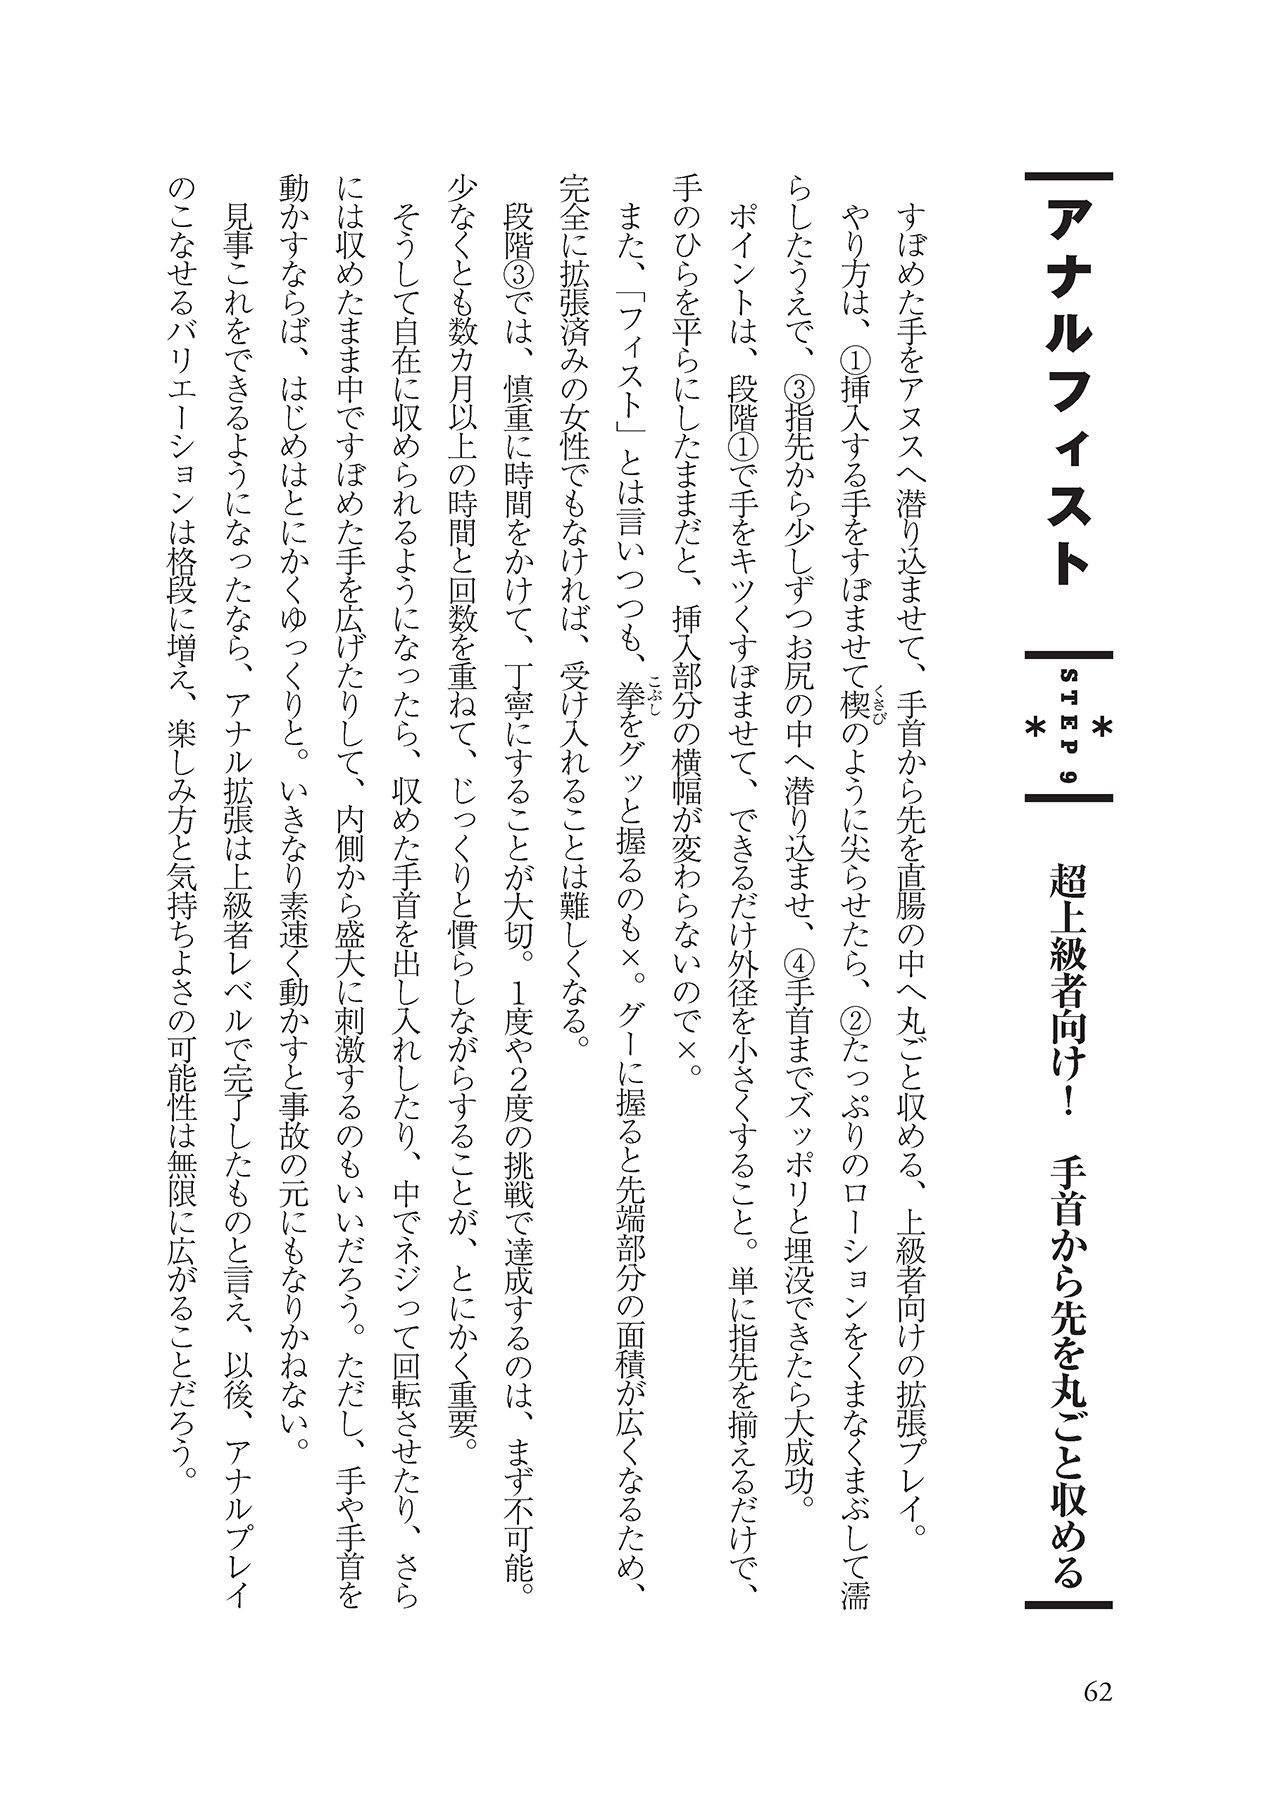 アナル性感開発・お尻エッチ 完全マニュアル 63